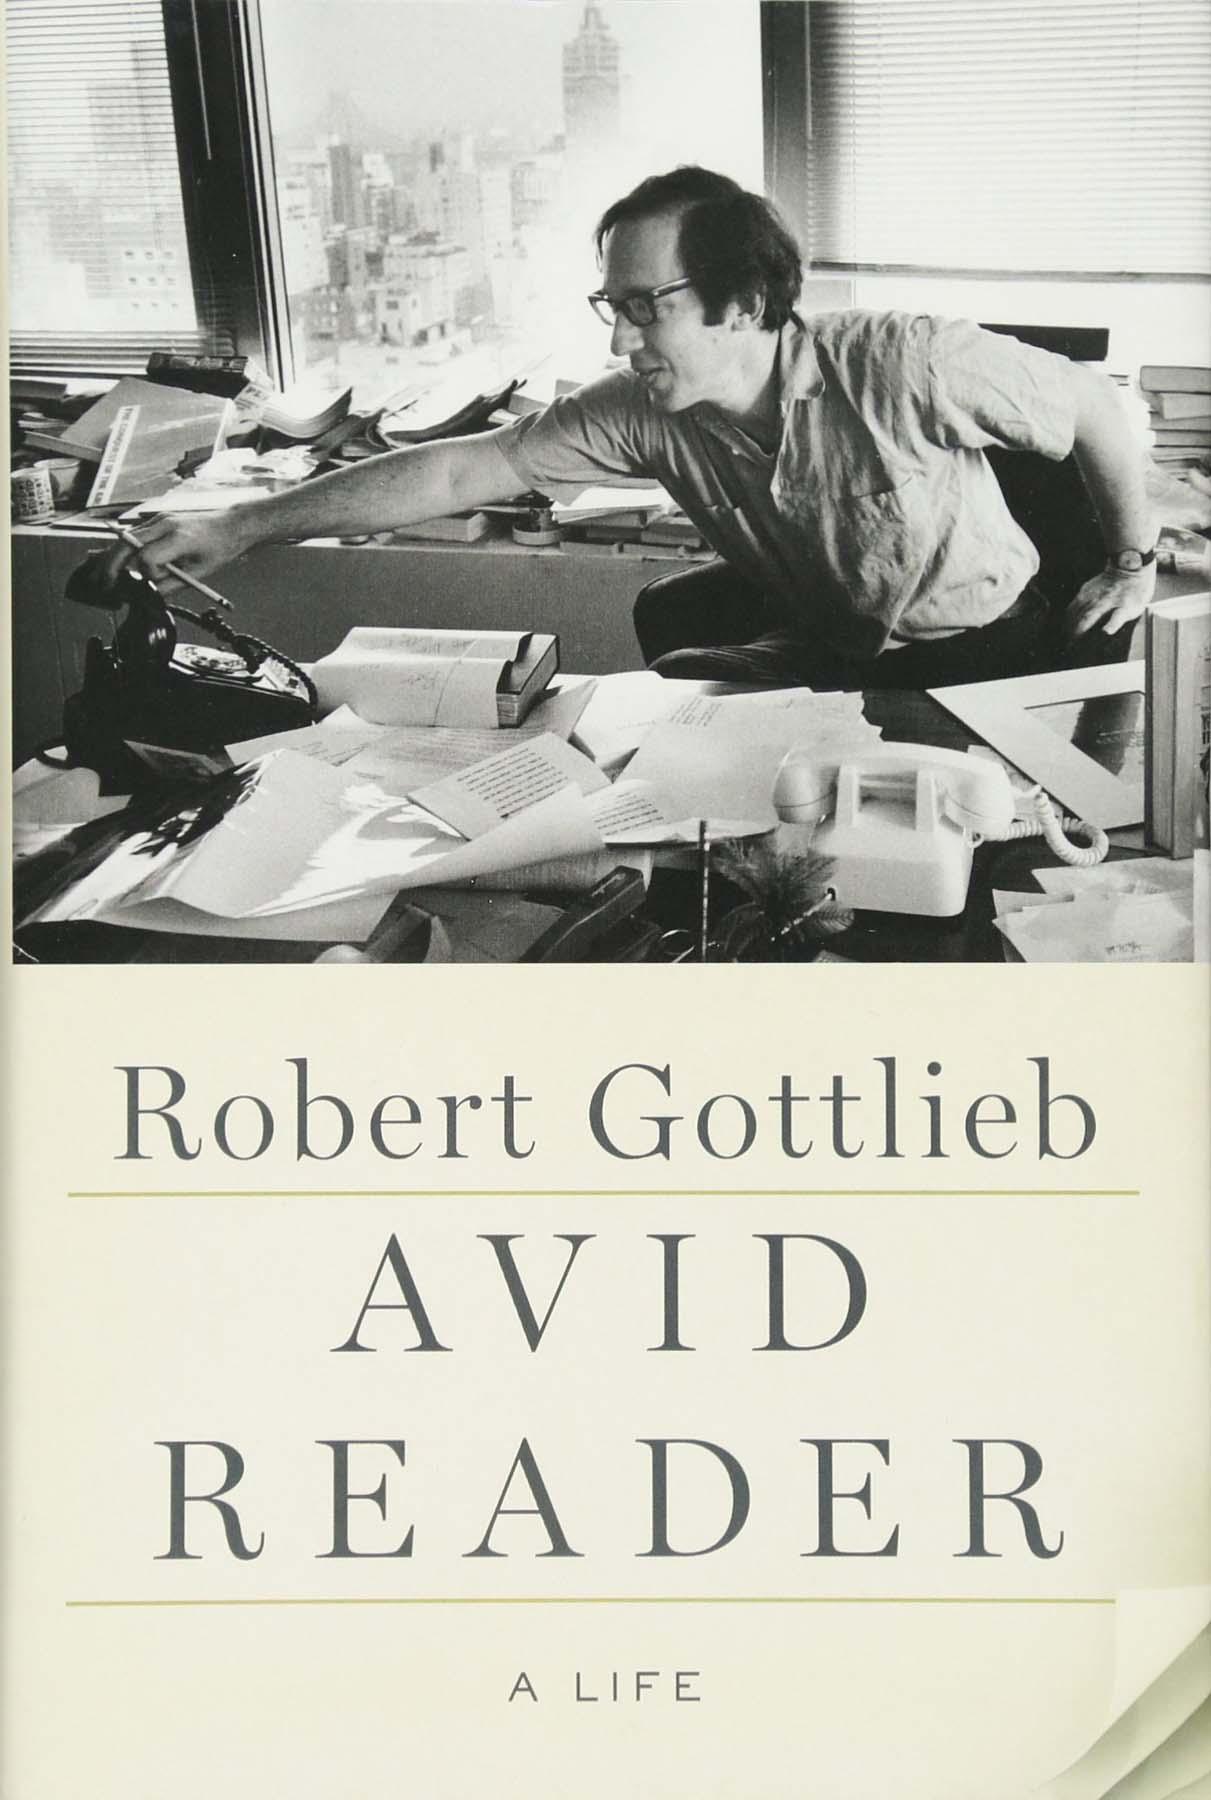 Publisher: Back Bay Books (September 1, 1995)